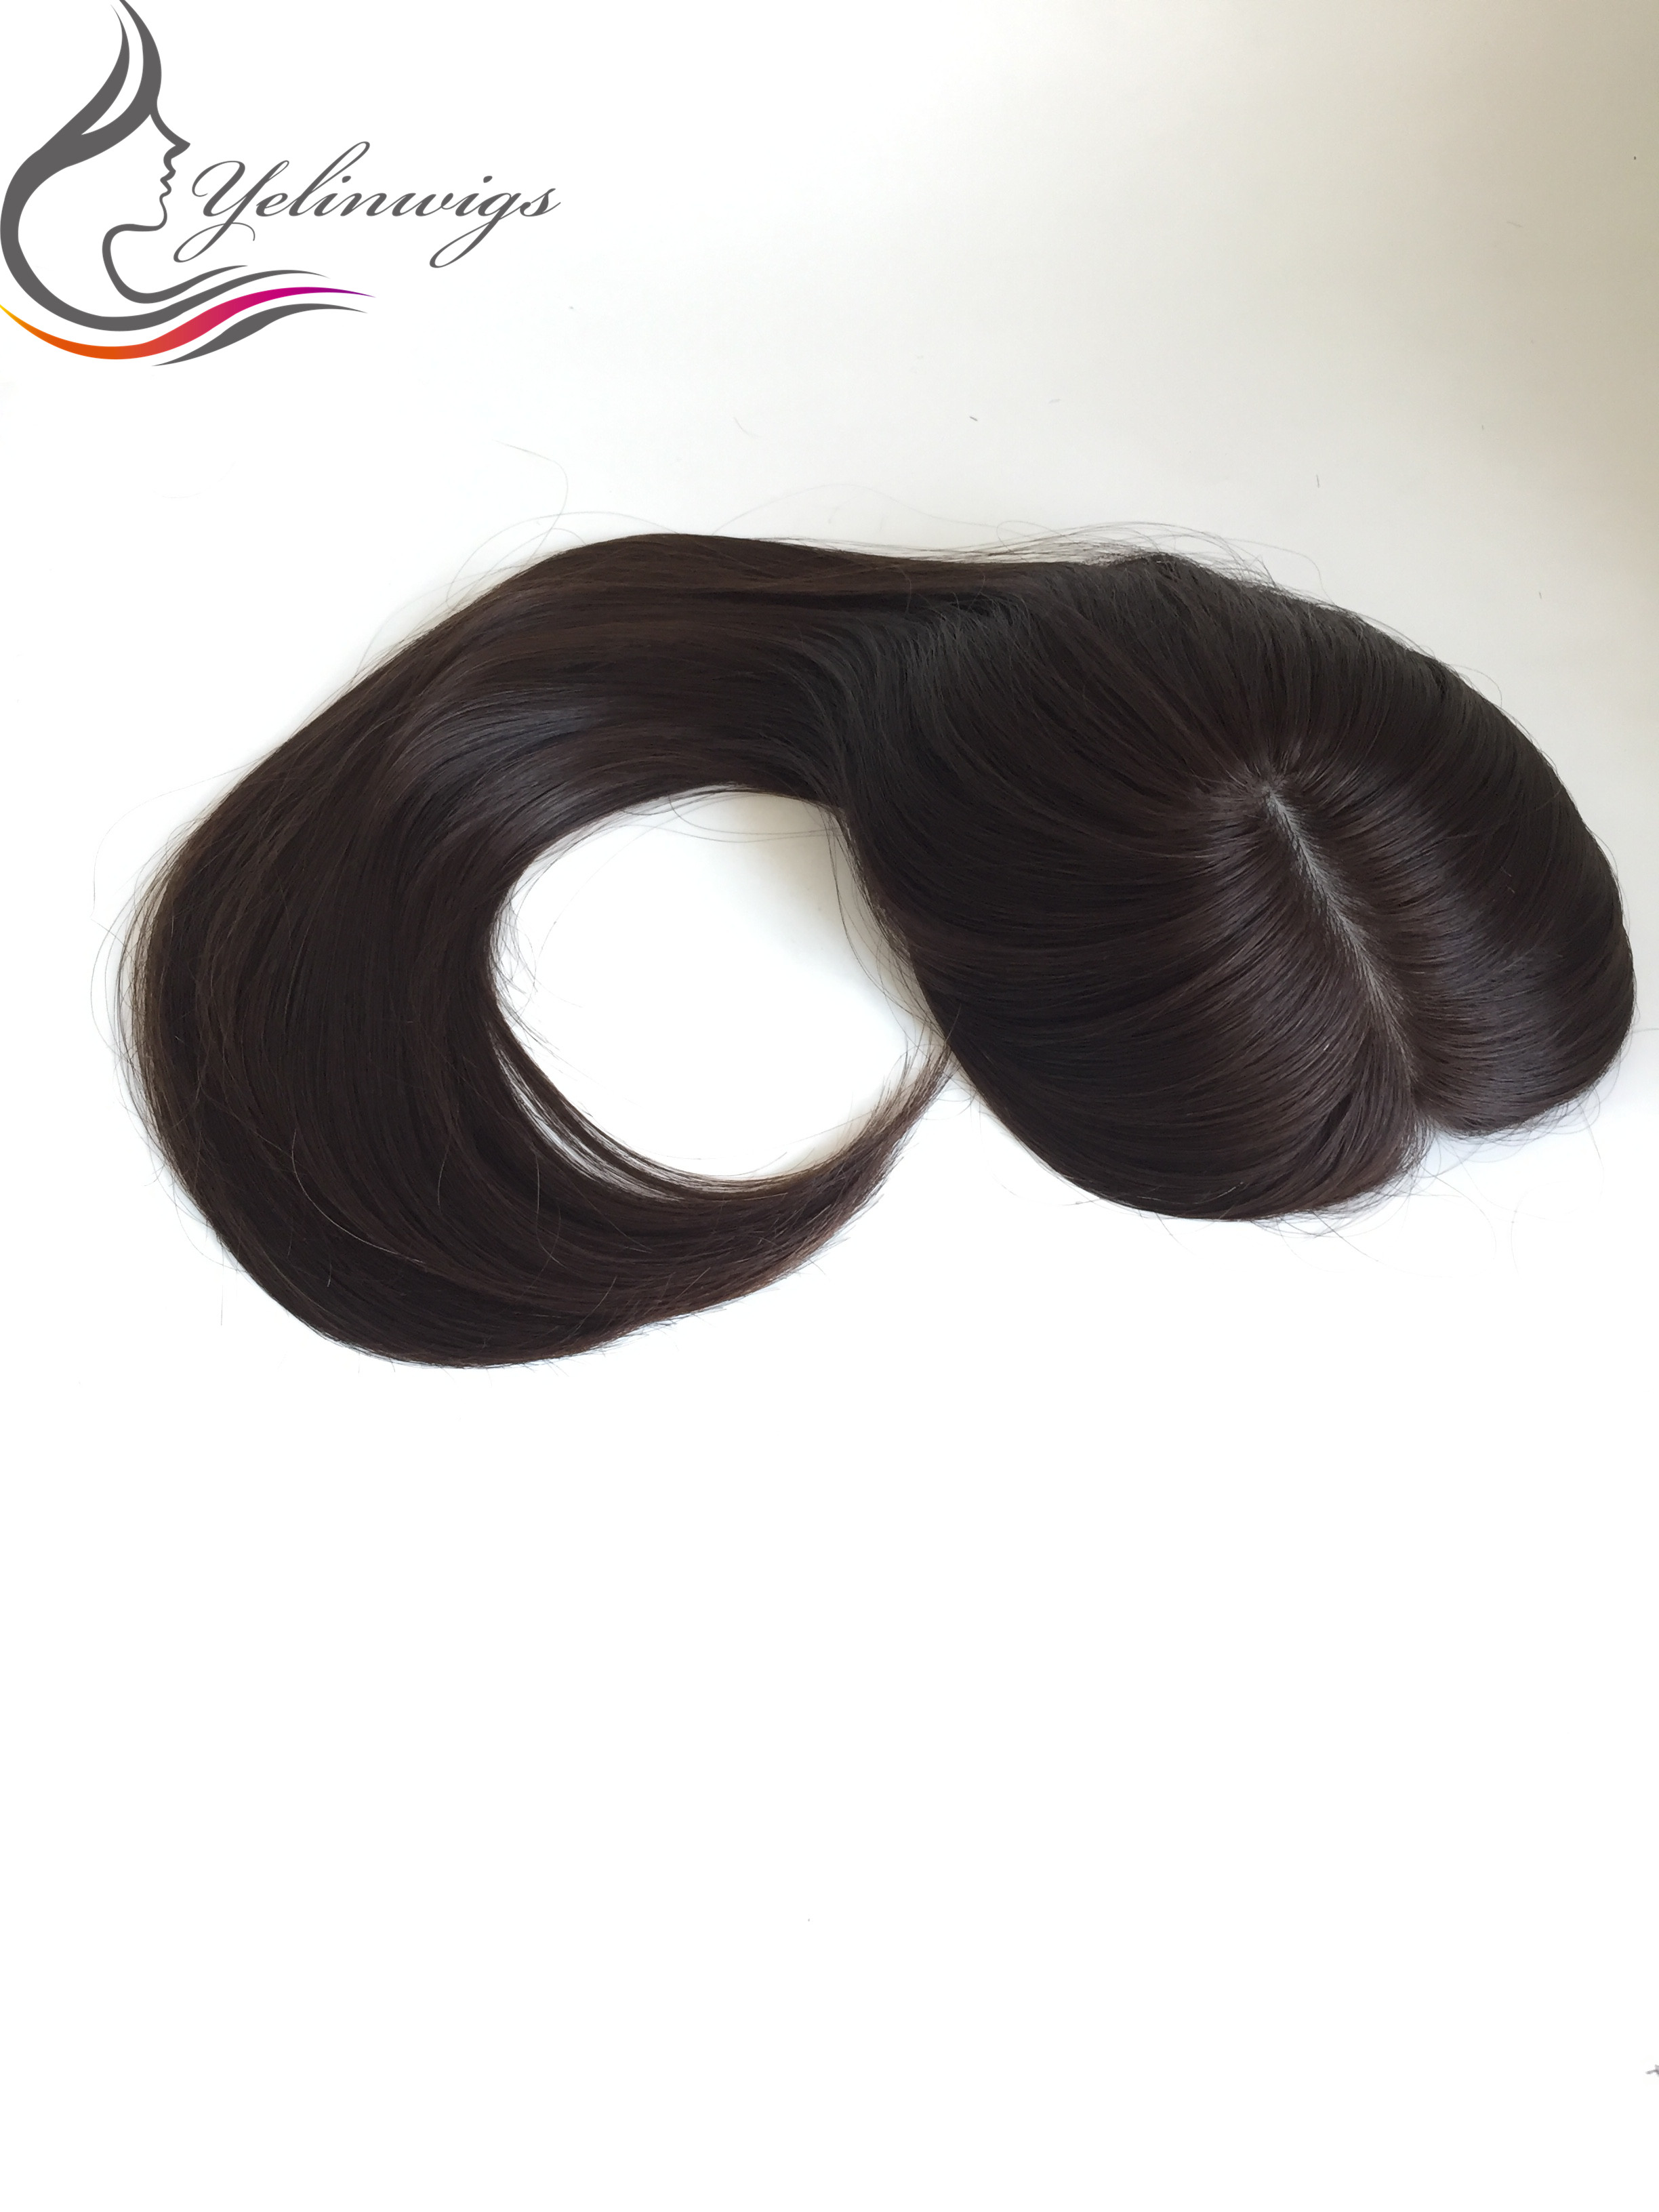 Натуральный черный цвет шелк топ Европейский девственные волосы топперы Kippah осень для еврейских женщин волосы штук